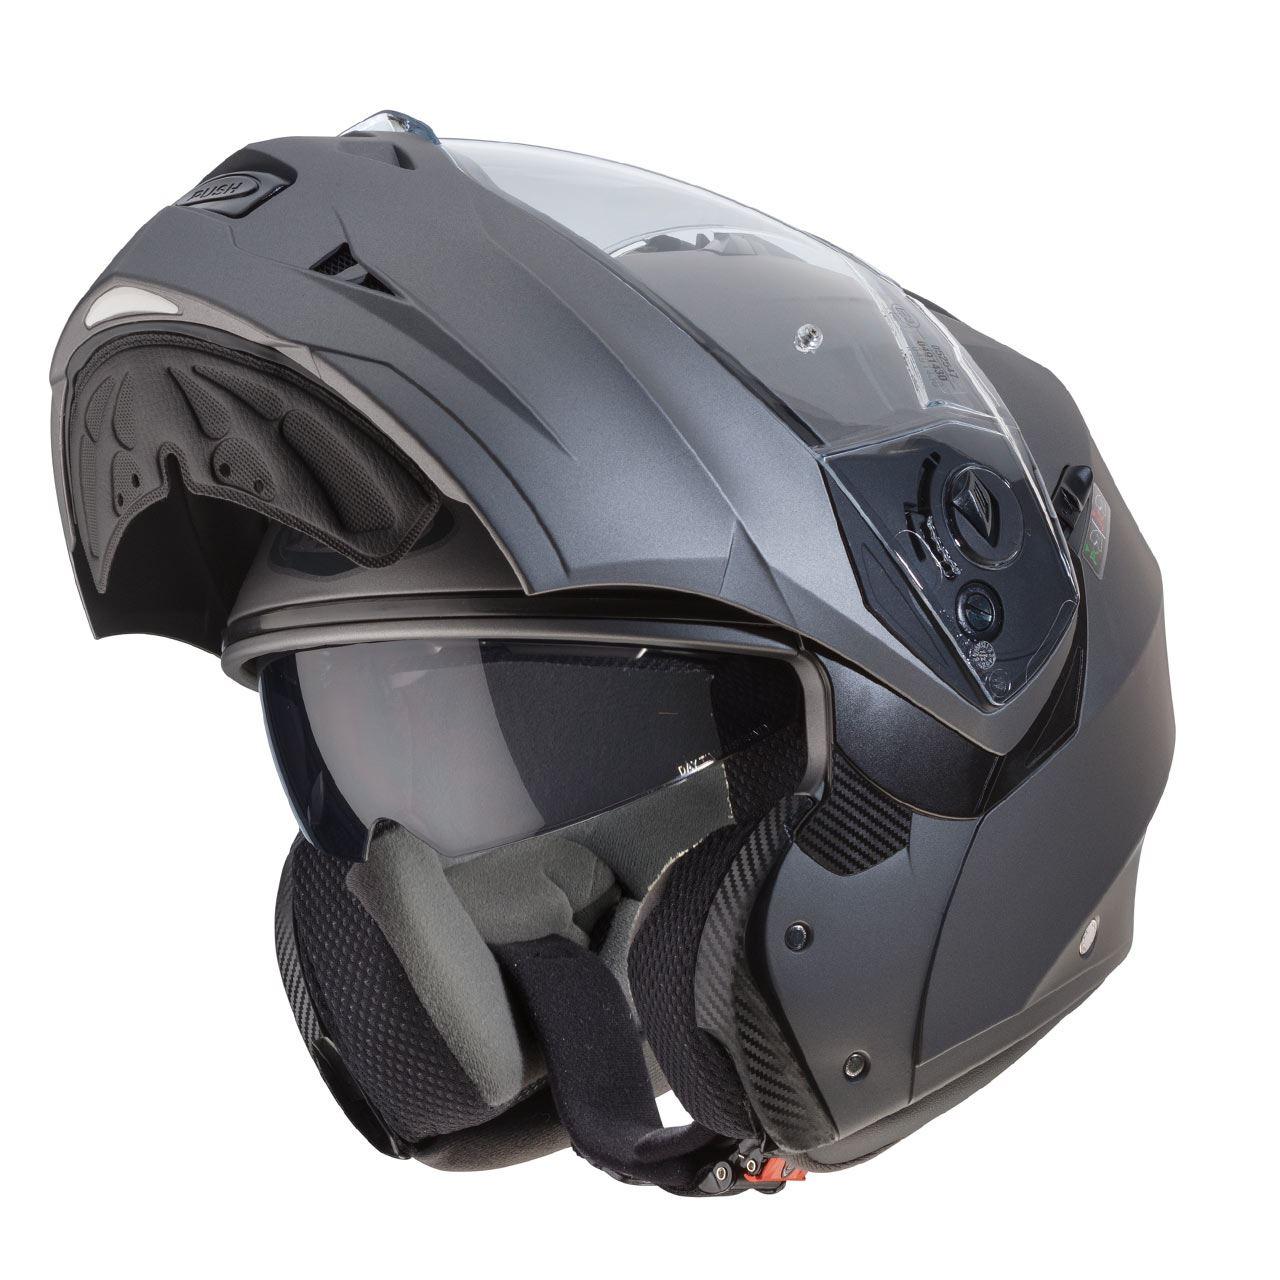 Caberg-Duke-II-Flip-Front-Motorcycle-Helmet-Modular-Bike-Sun-Visor-amp-Pinlock thumbnail 25